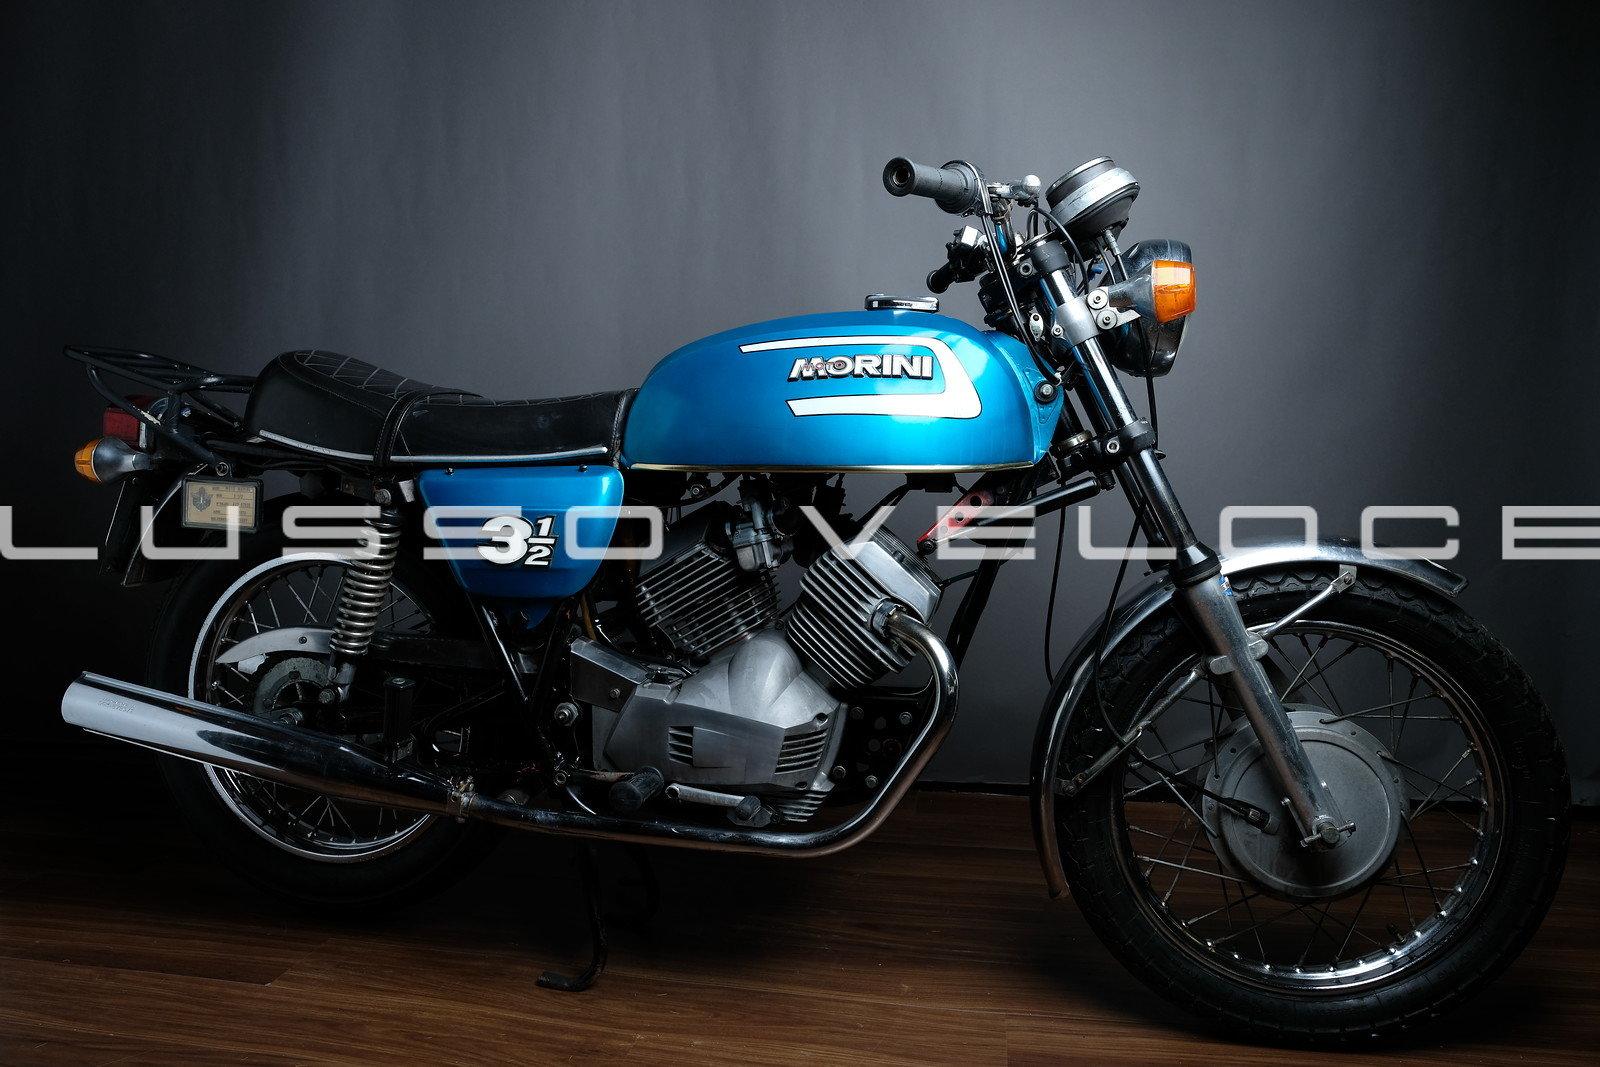 1976 Moto Morini 350 Strada, superb original condition  For Sale (picture 1 of 6)